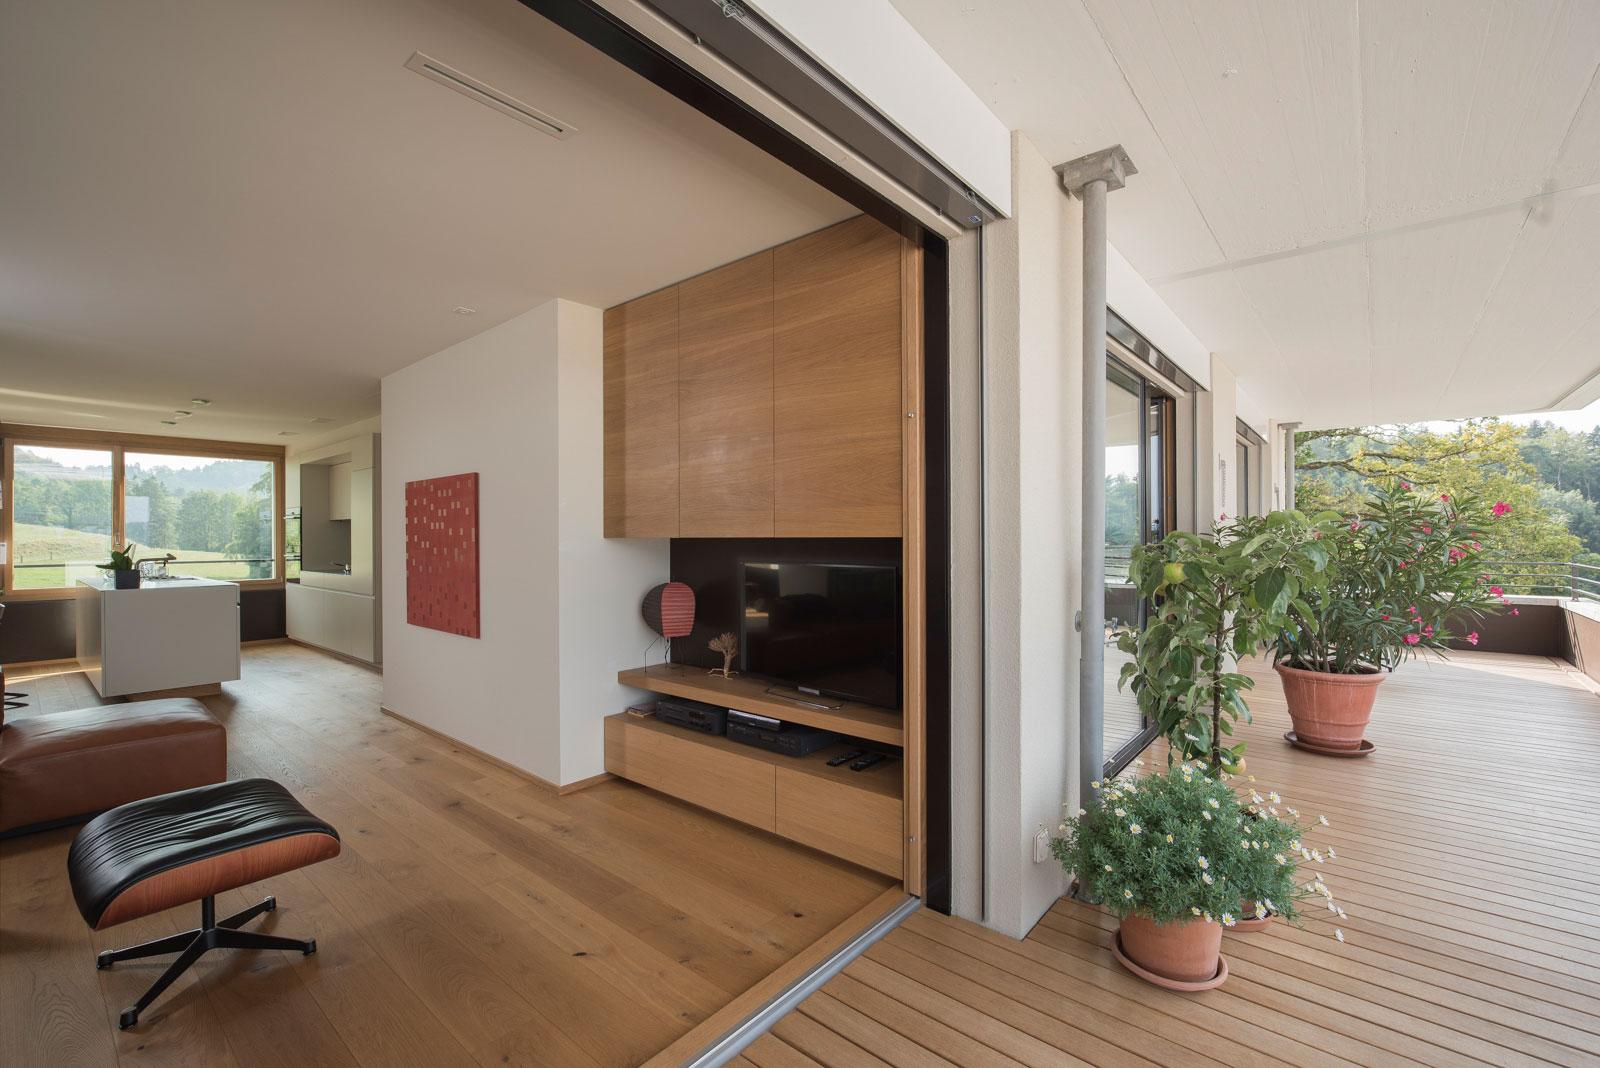 Blick auf Einbaumöbel von der Terrasse aus